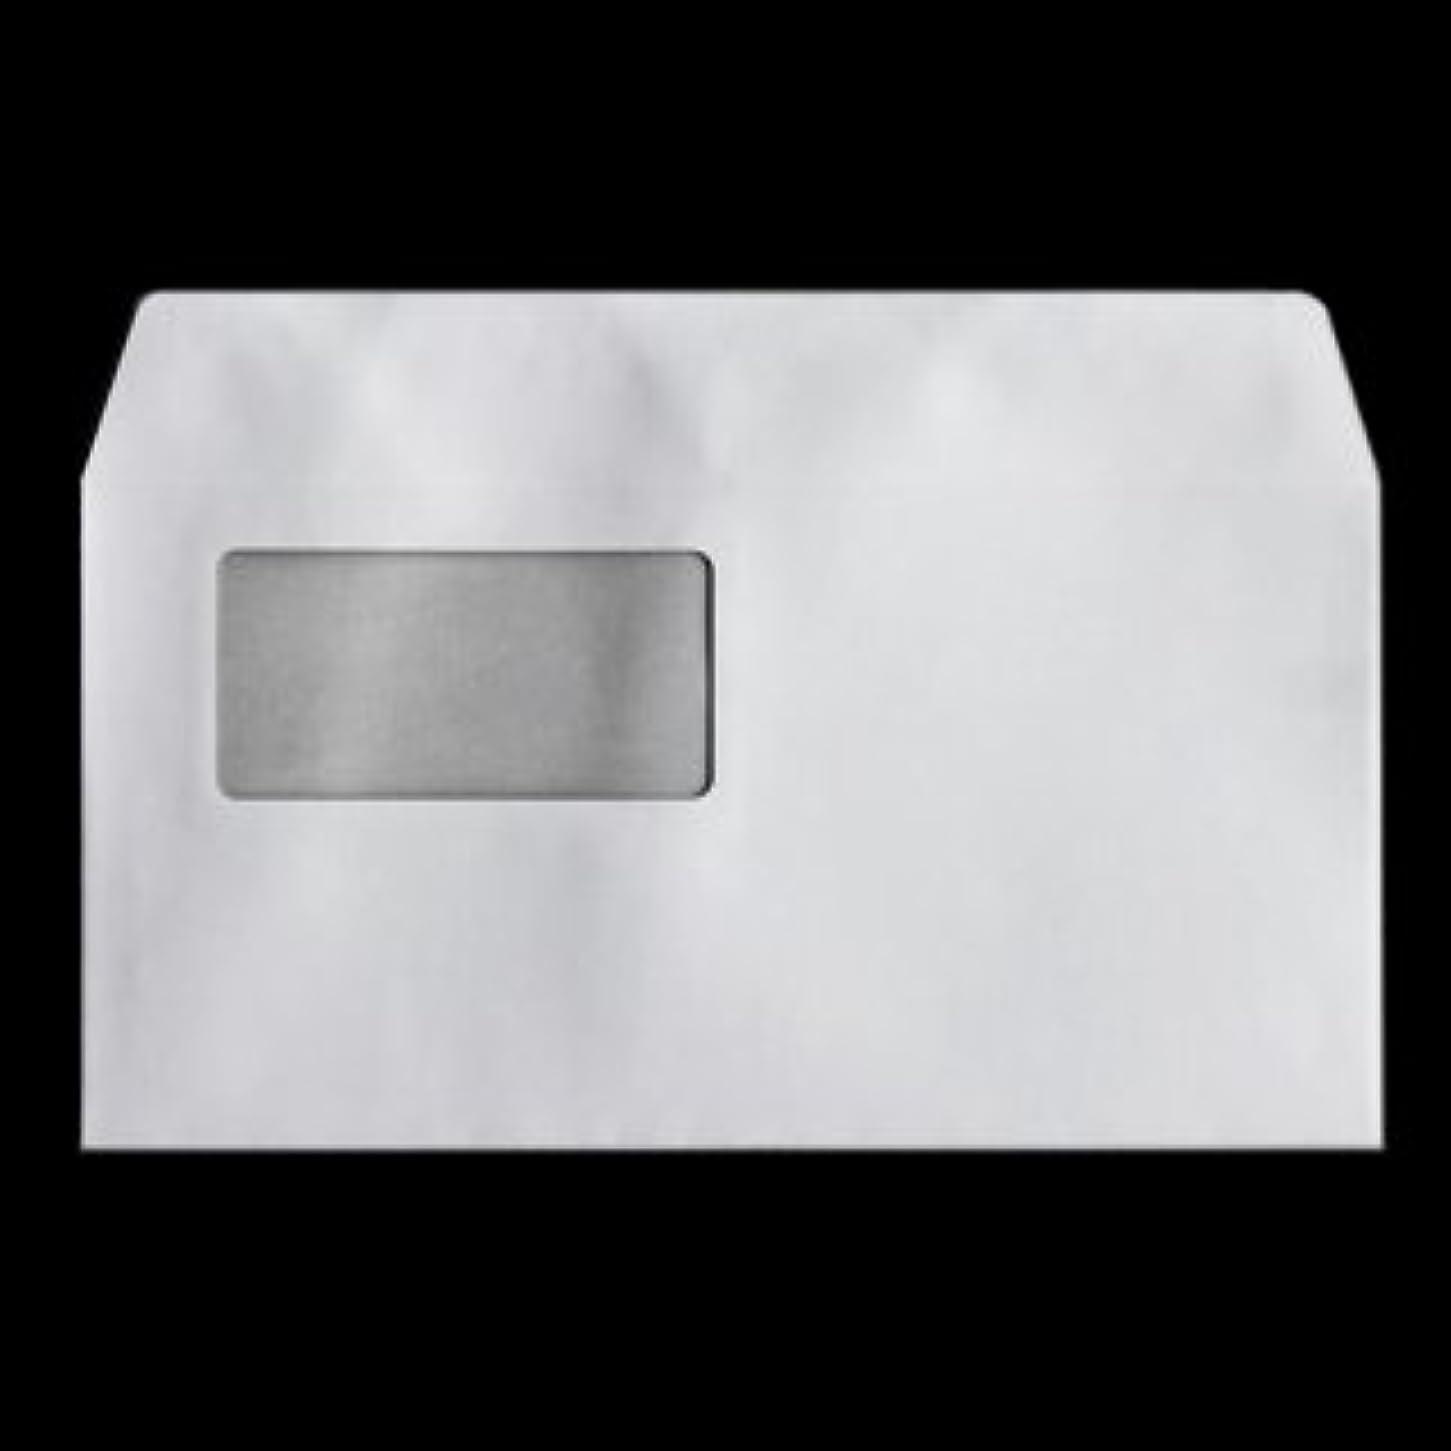 苦しむ特派員助けてハート 白封筒 カマス貼 洋長3 窓付封筒45×90mm 透けないコーティング パステル ホワイト 100g/m2 枠なし 200枚 yl1390